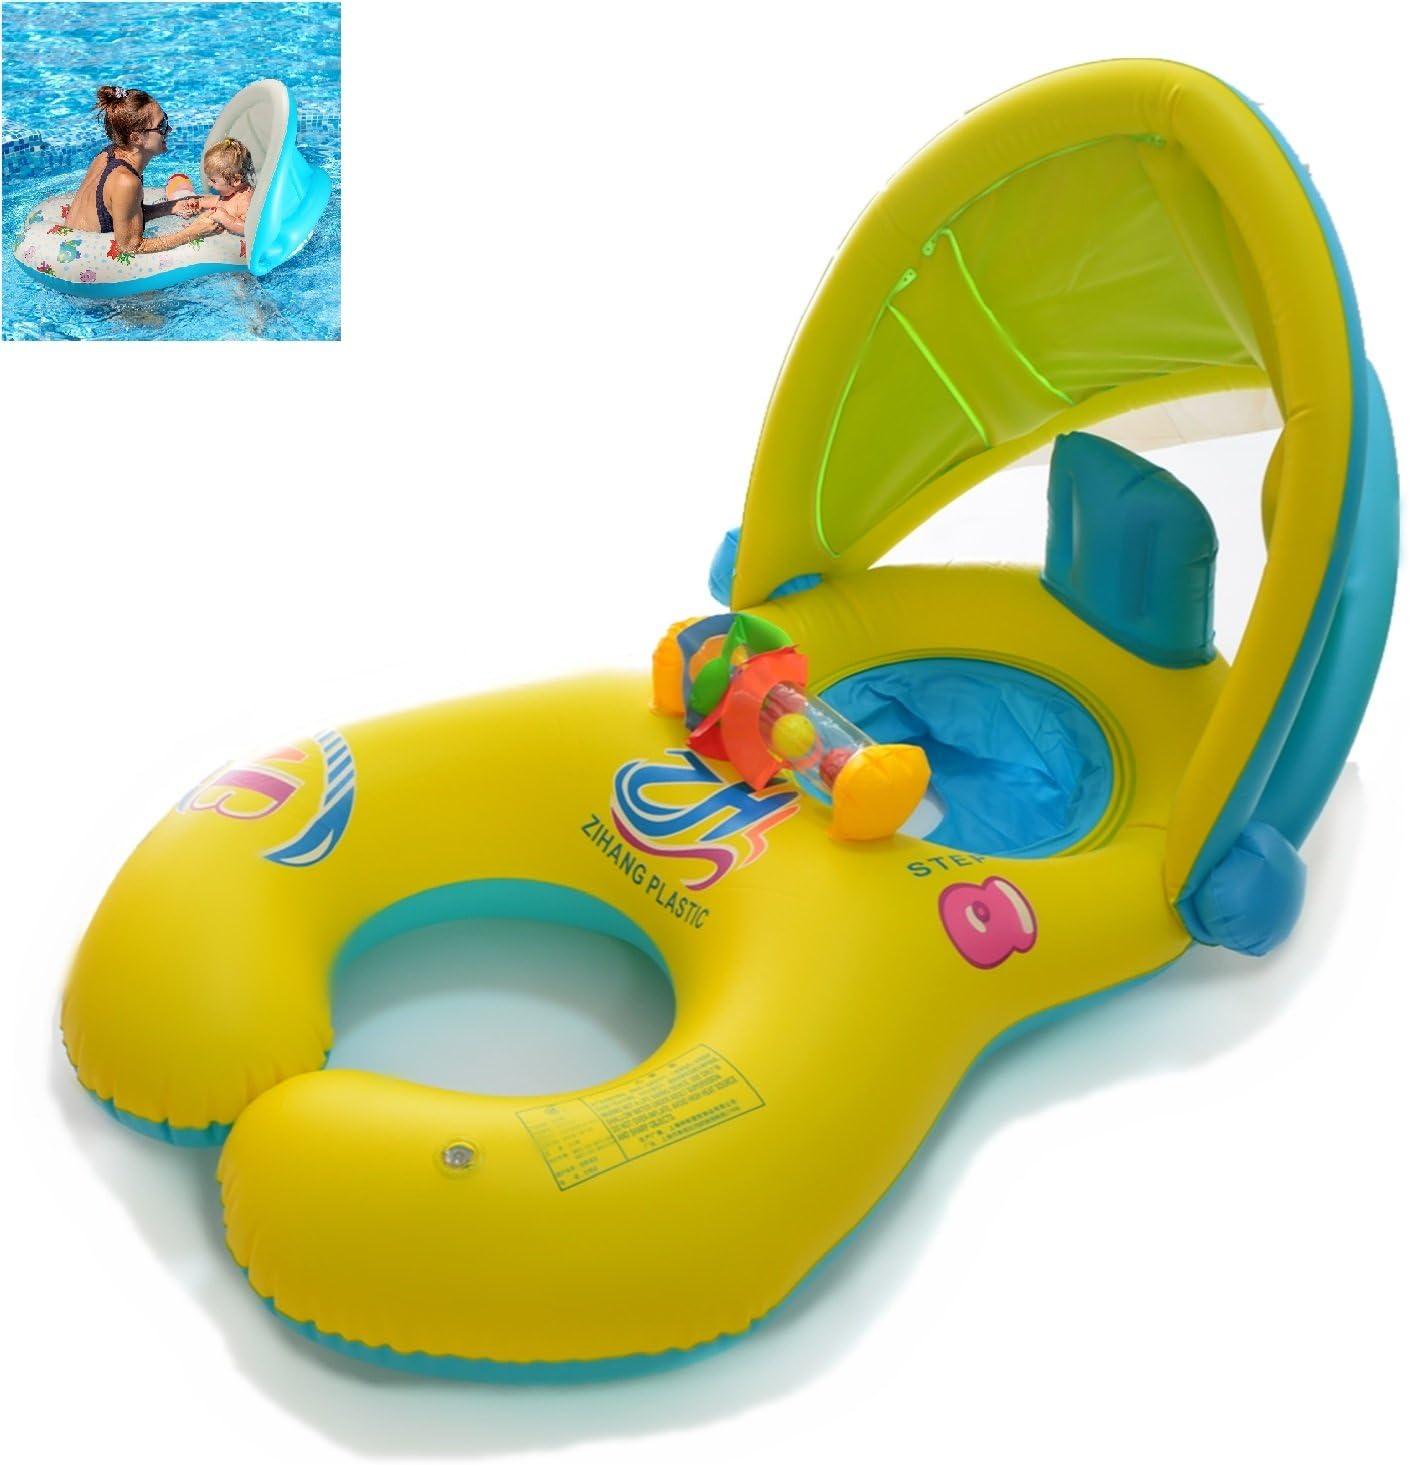 Anillo de natación de la madre y del bebé con el toldo inflable de la sombrilla de la seguridad desprendible, juguete del anillo de la natación de la persona doble para los niños(1-3 años) (Amarillo)